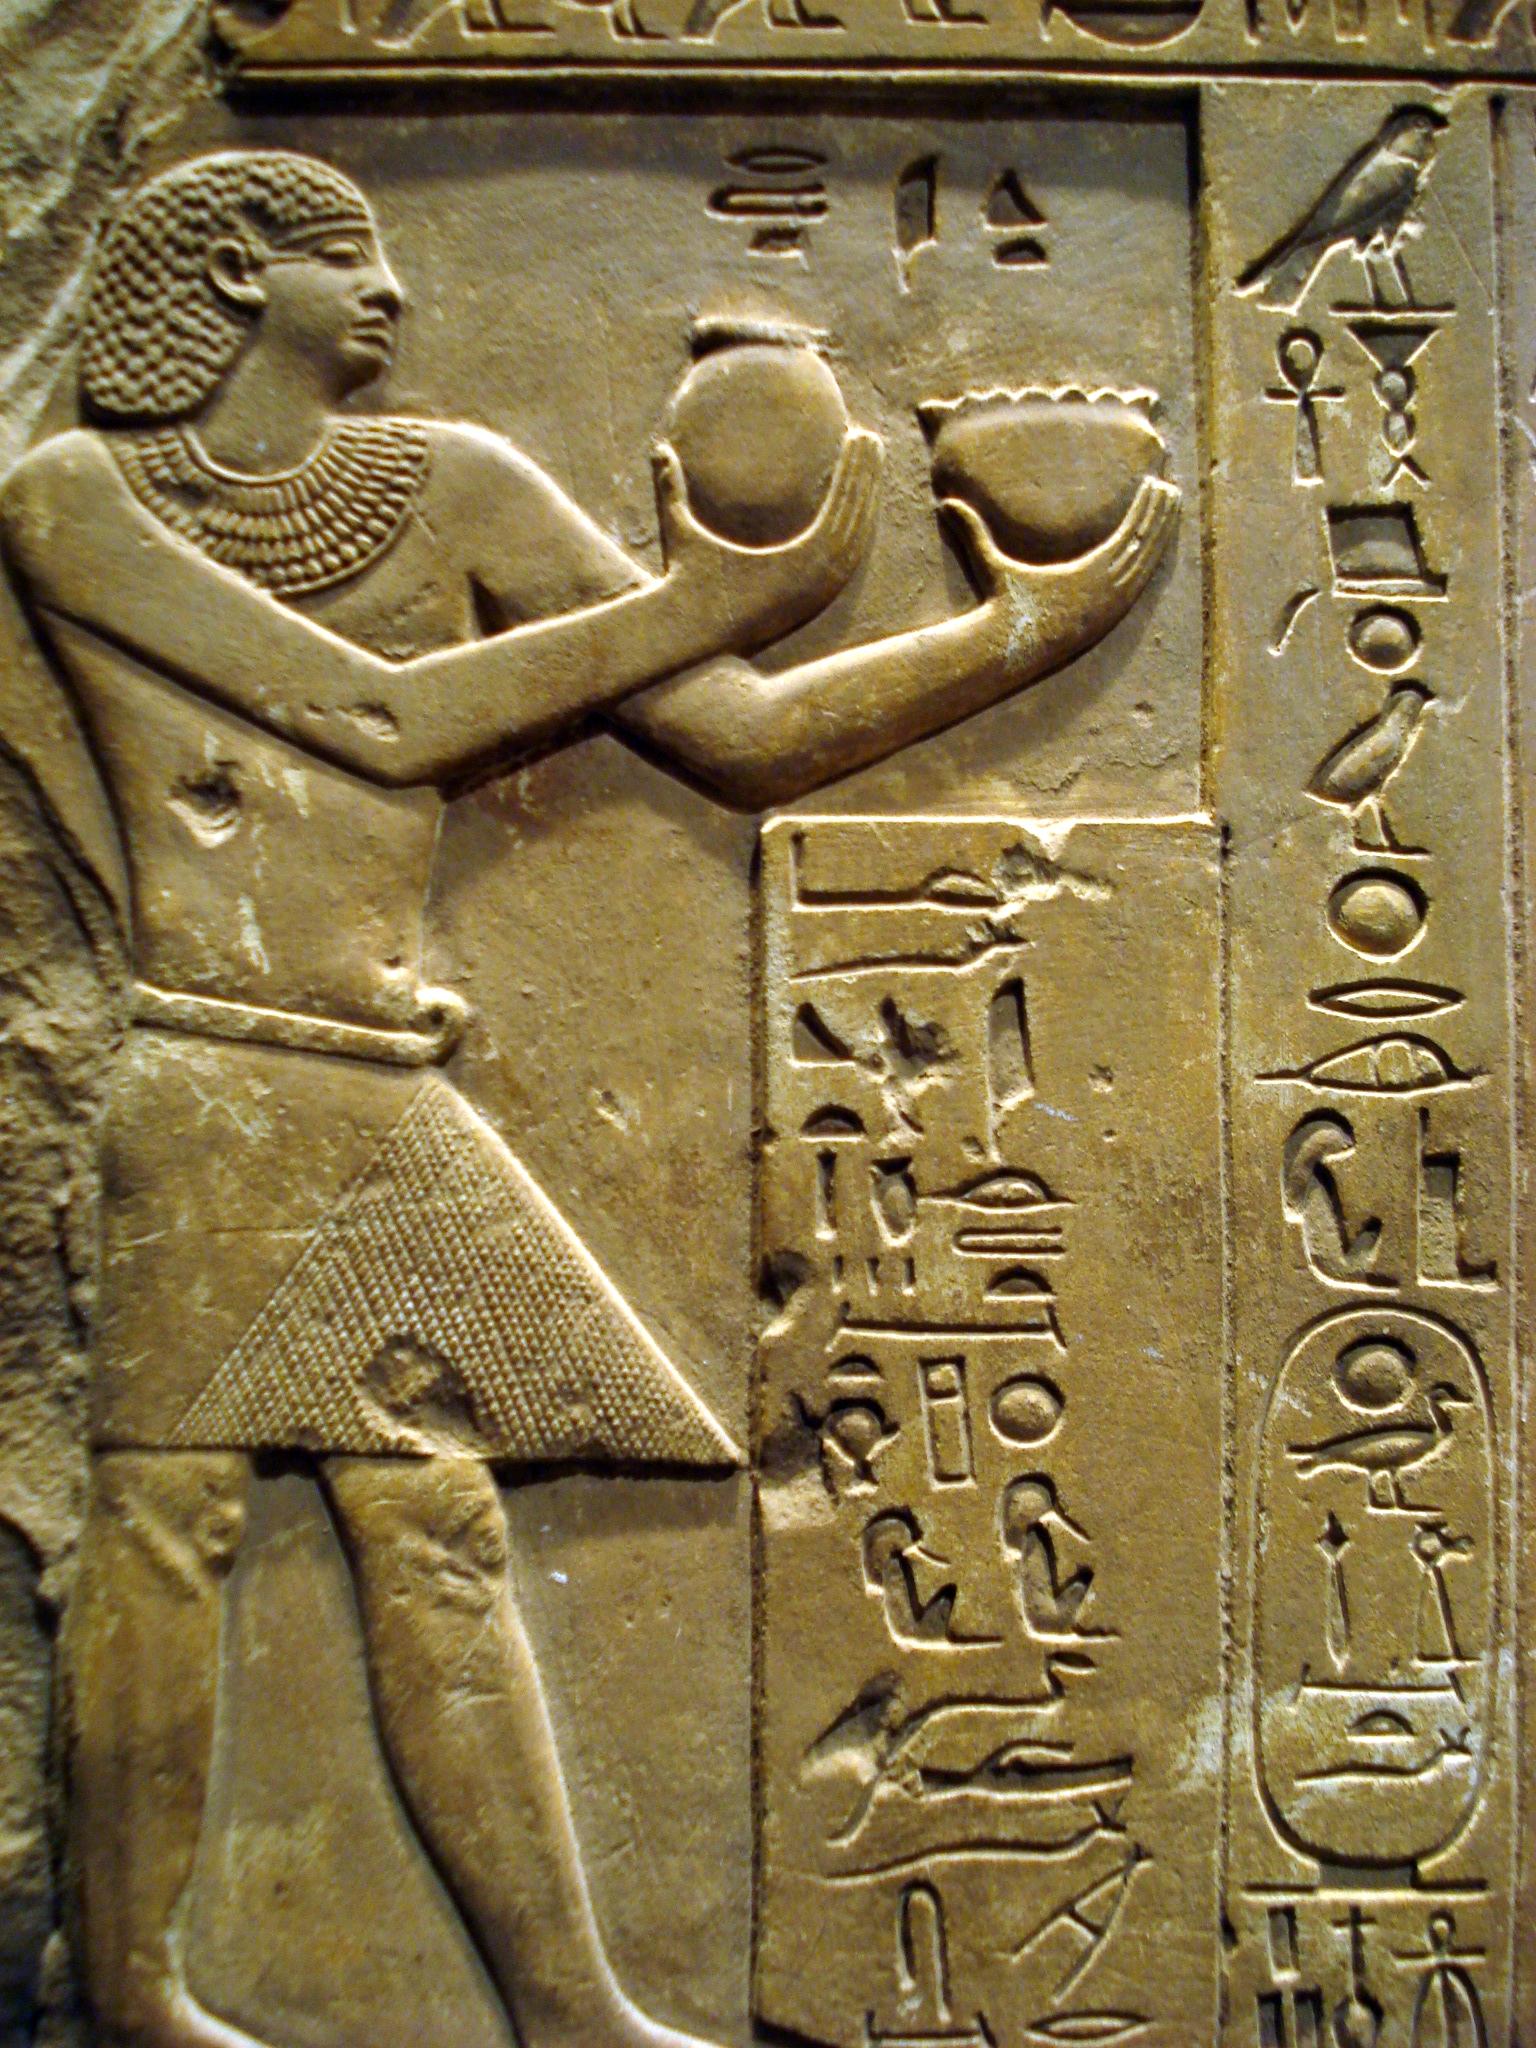 上图:因提夫二世像。古埃及第十一王朝的因提夫二世(Intef II,主前2112–2063年),很可能就是亚伯兰所见到的法老。此时古埃及经过「第一中间时期」(First Intermediate Period of Egypt,主前2181-2055年)的分裂之后,被第十一王朝重新统一,首都位于埃及中部、尼罗河畔的底比斯。